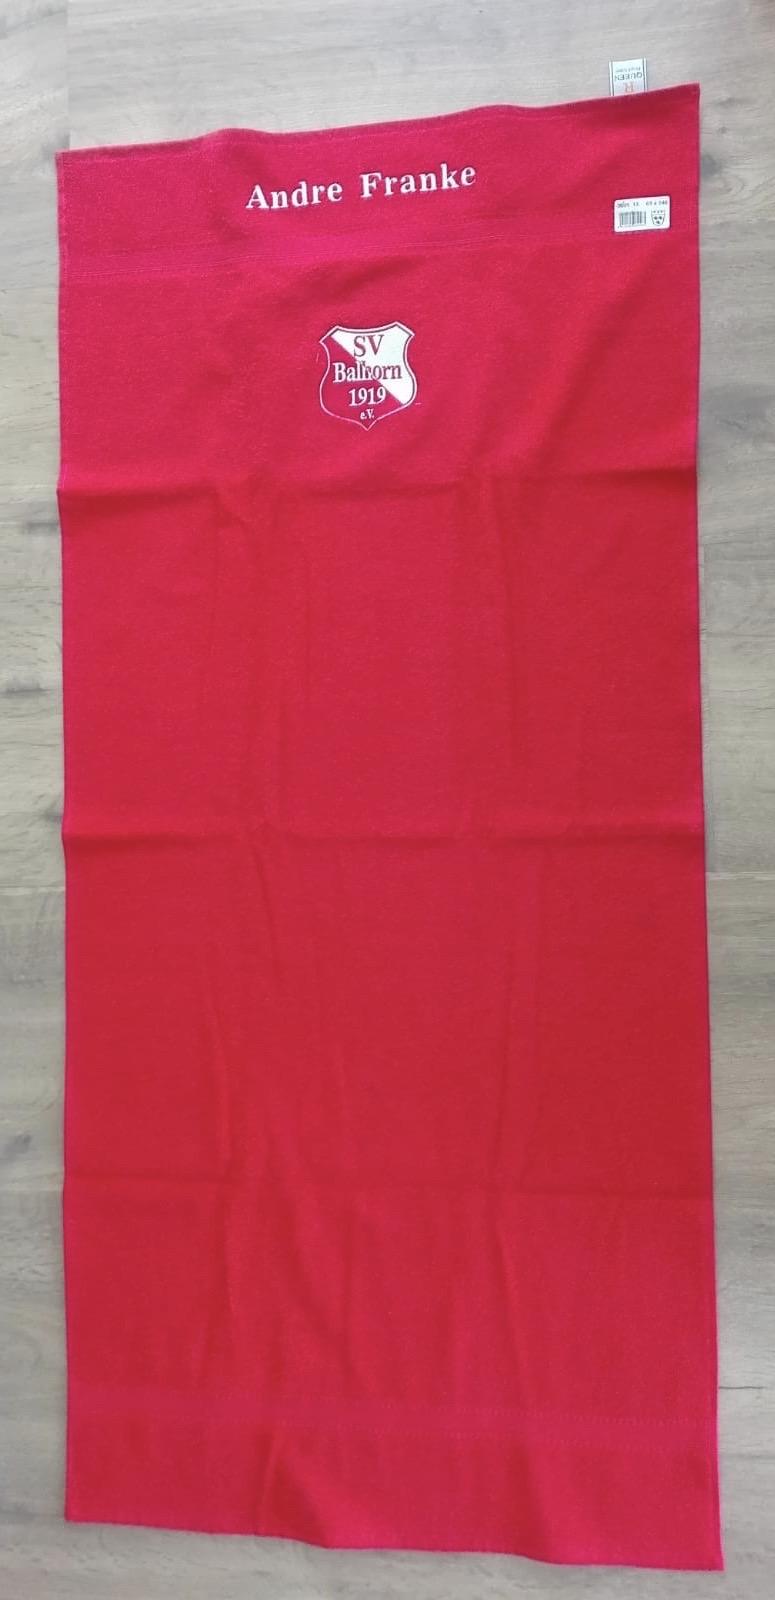 Das SV Balhorn Handtuch ist da...